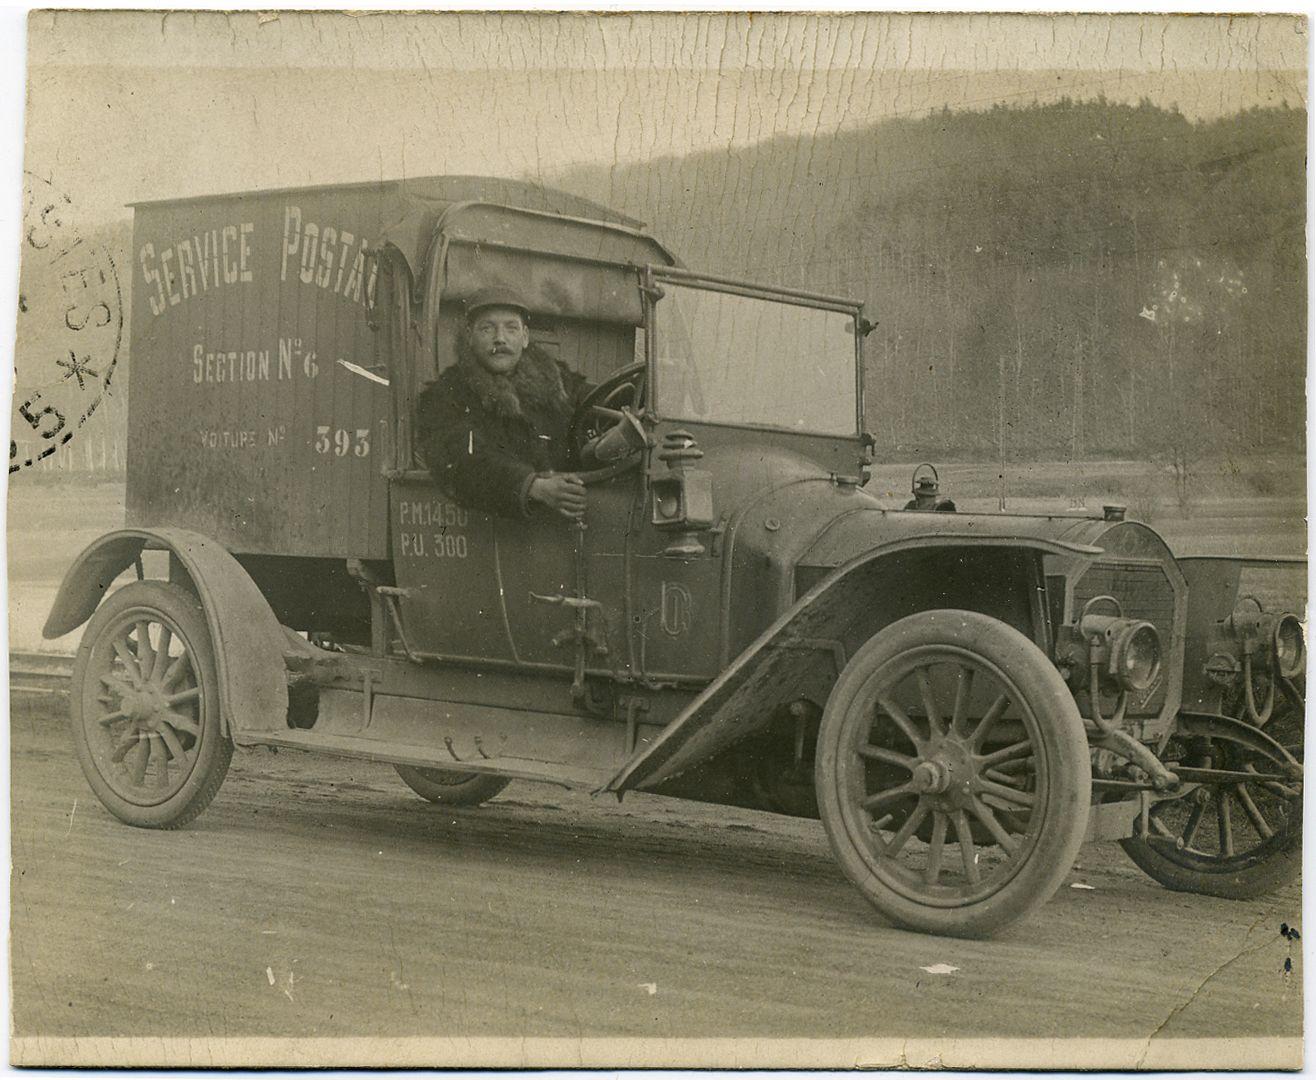 Voiture du service postal Carte postale 1915 © L'Adresse Musée de La Poste / La Poste, DR ...